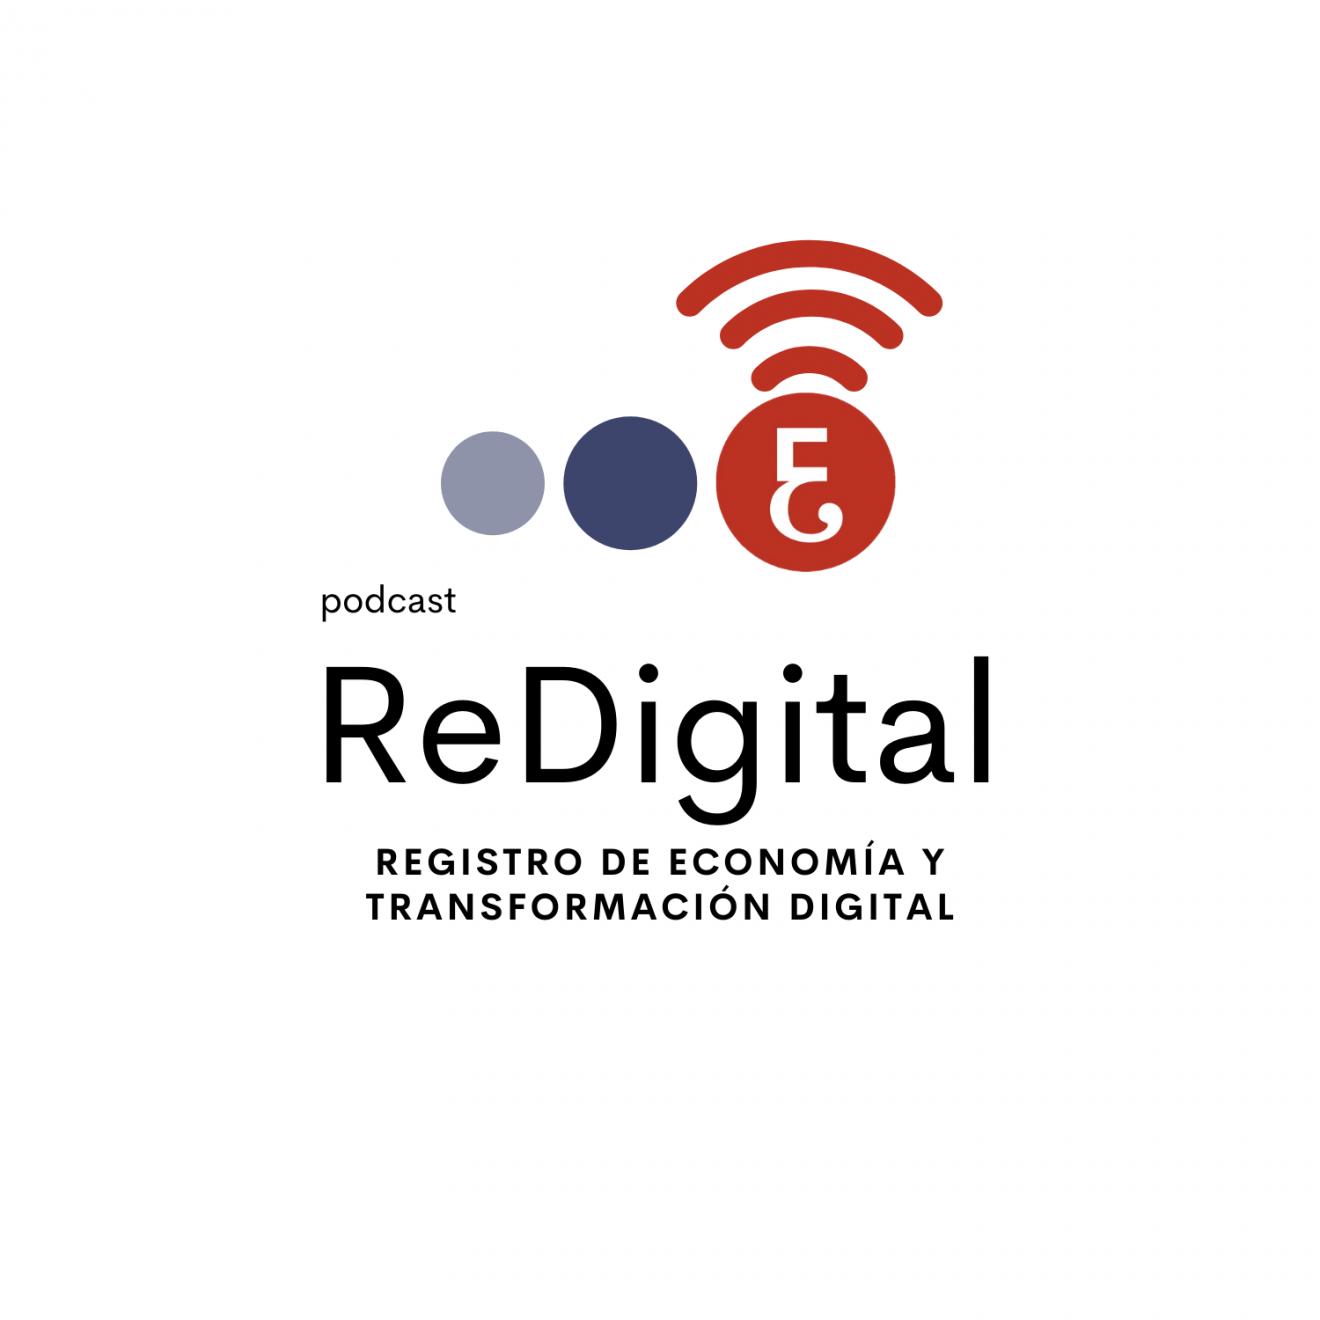 Blanco con Rojo Círculos Fotografía Logotipo